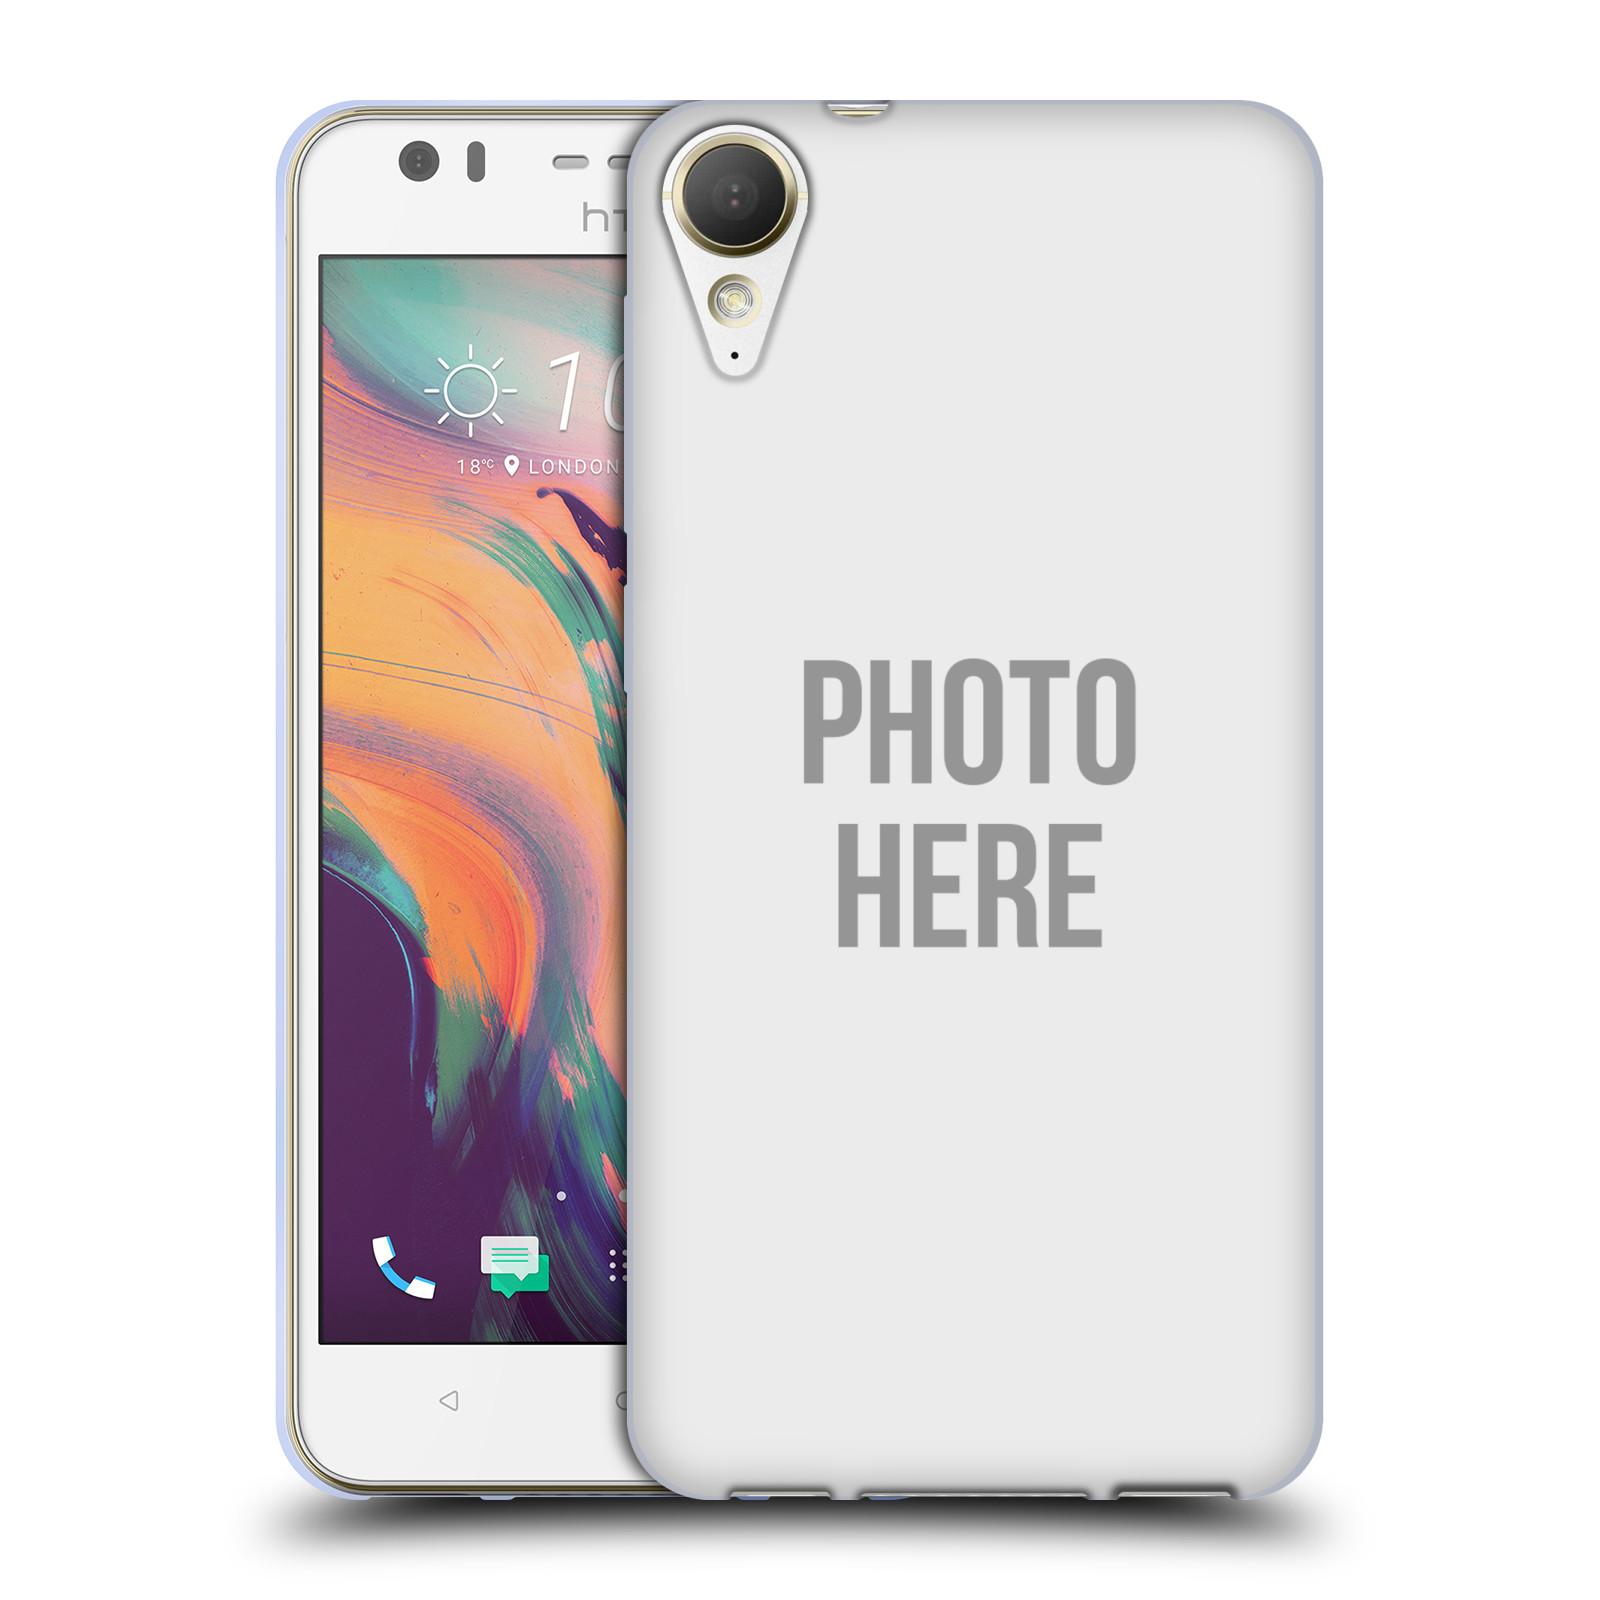 Silikonové pouzdro na mobil HTC Desire 10 Lifestyle - Head Case - s vlastním motivem (Silikonový kryt či obal na mobilní telefon HTC Desire 10 Lifestyle s vlastním motivem)